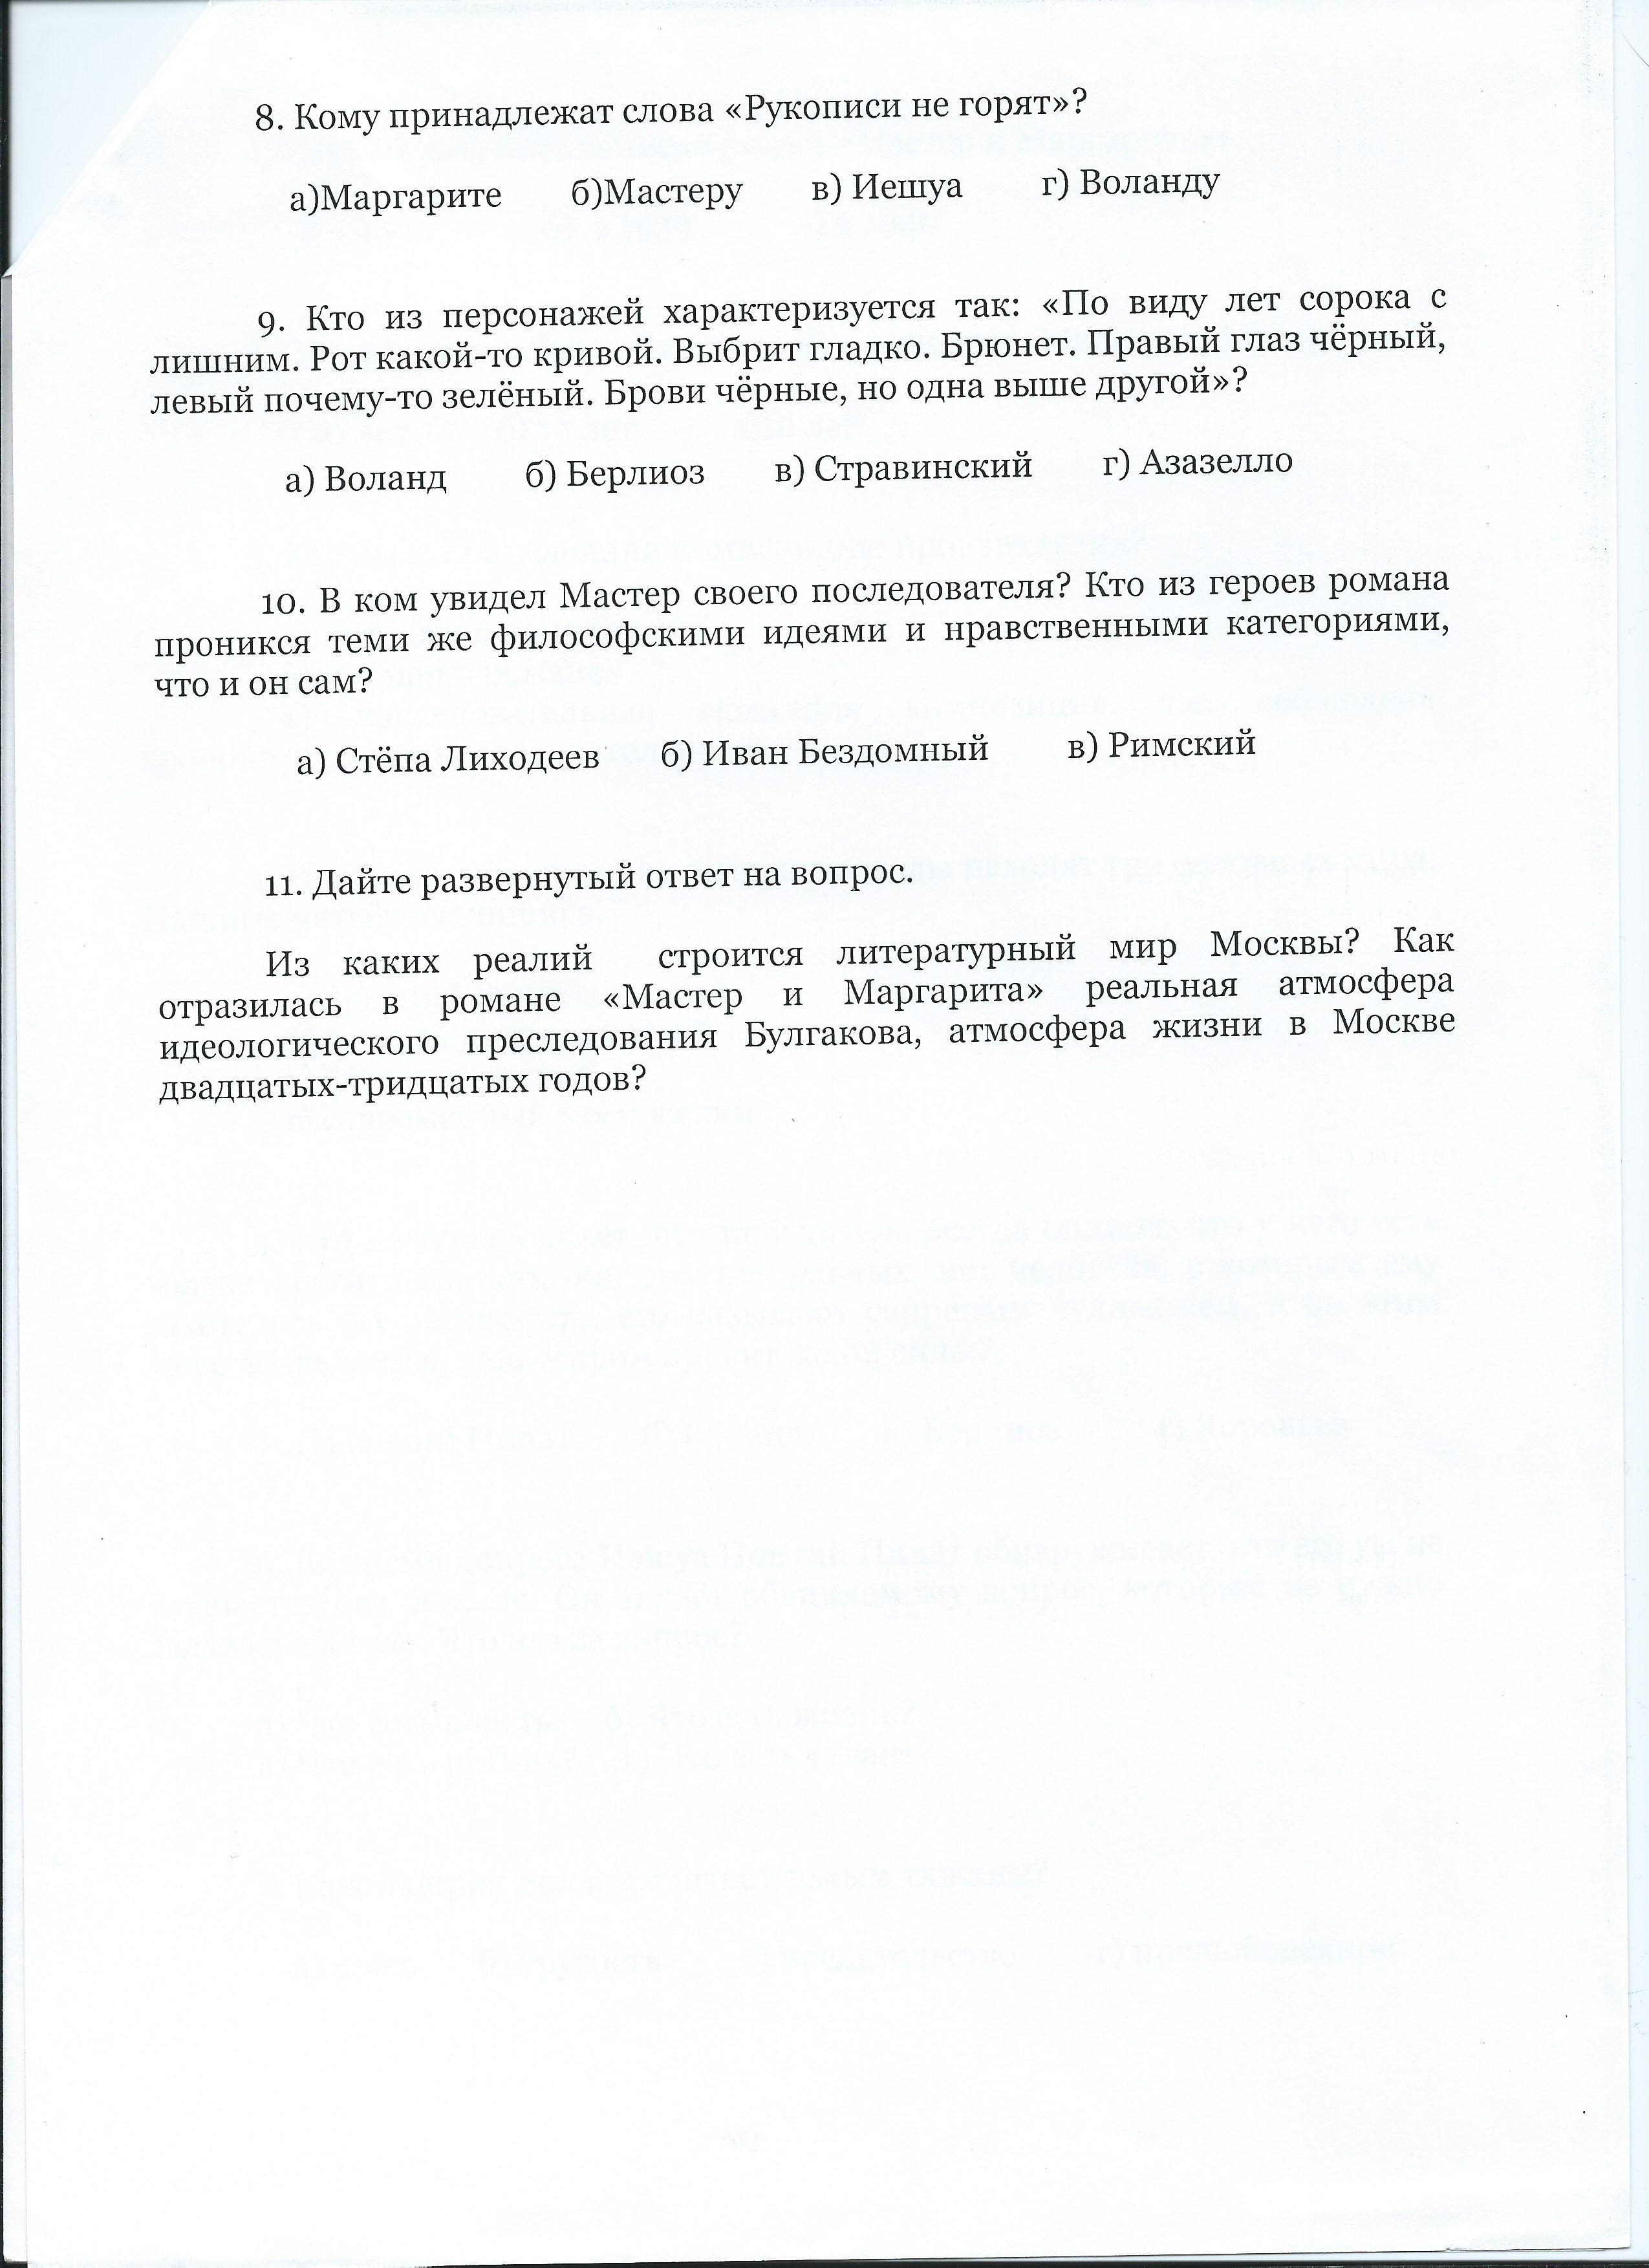 C:\Users\dd-art\Documents\Scan200003.jpg